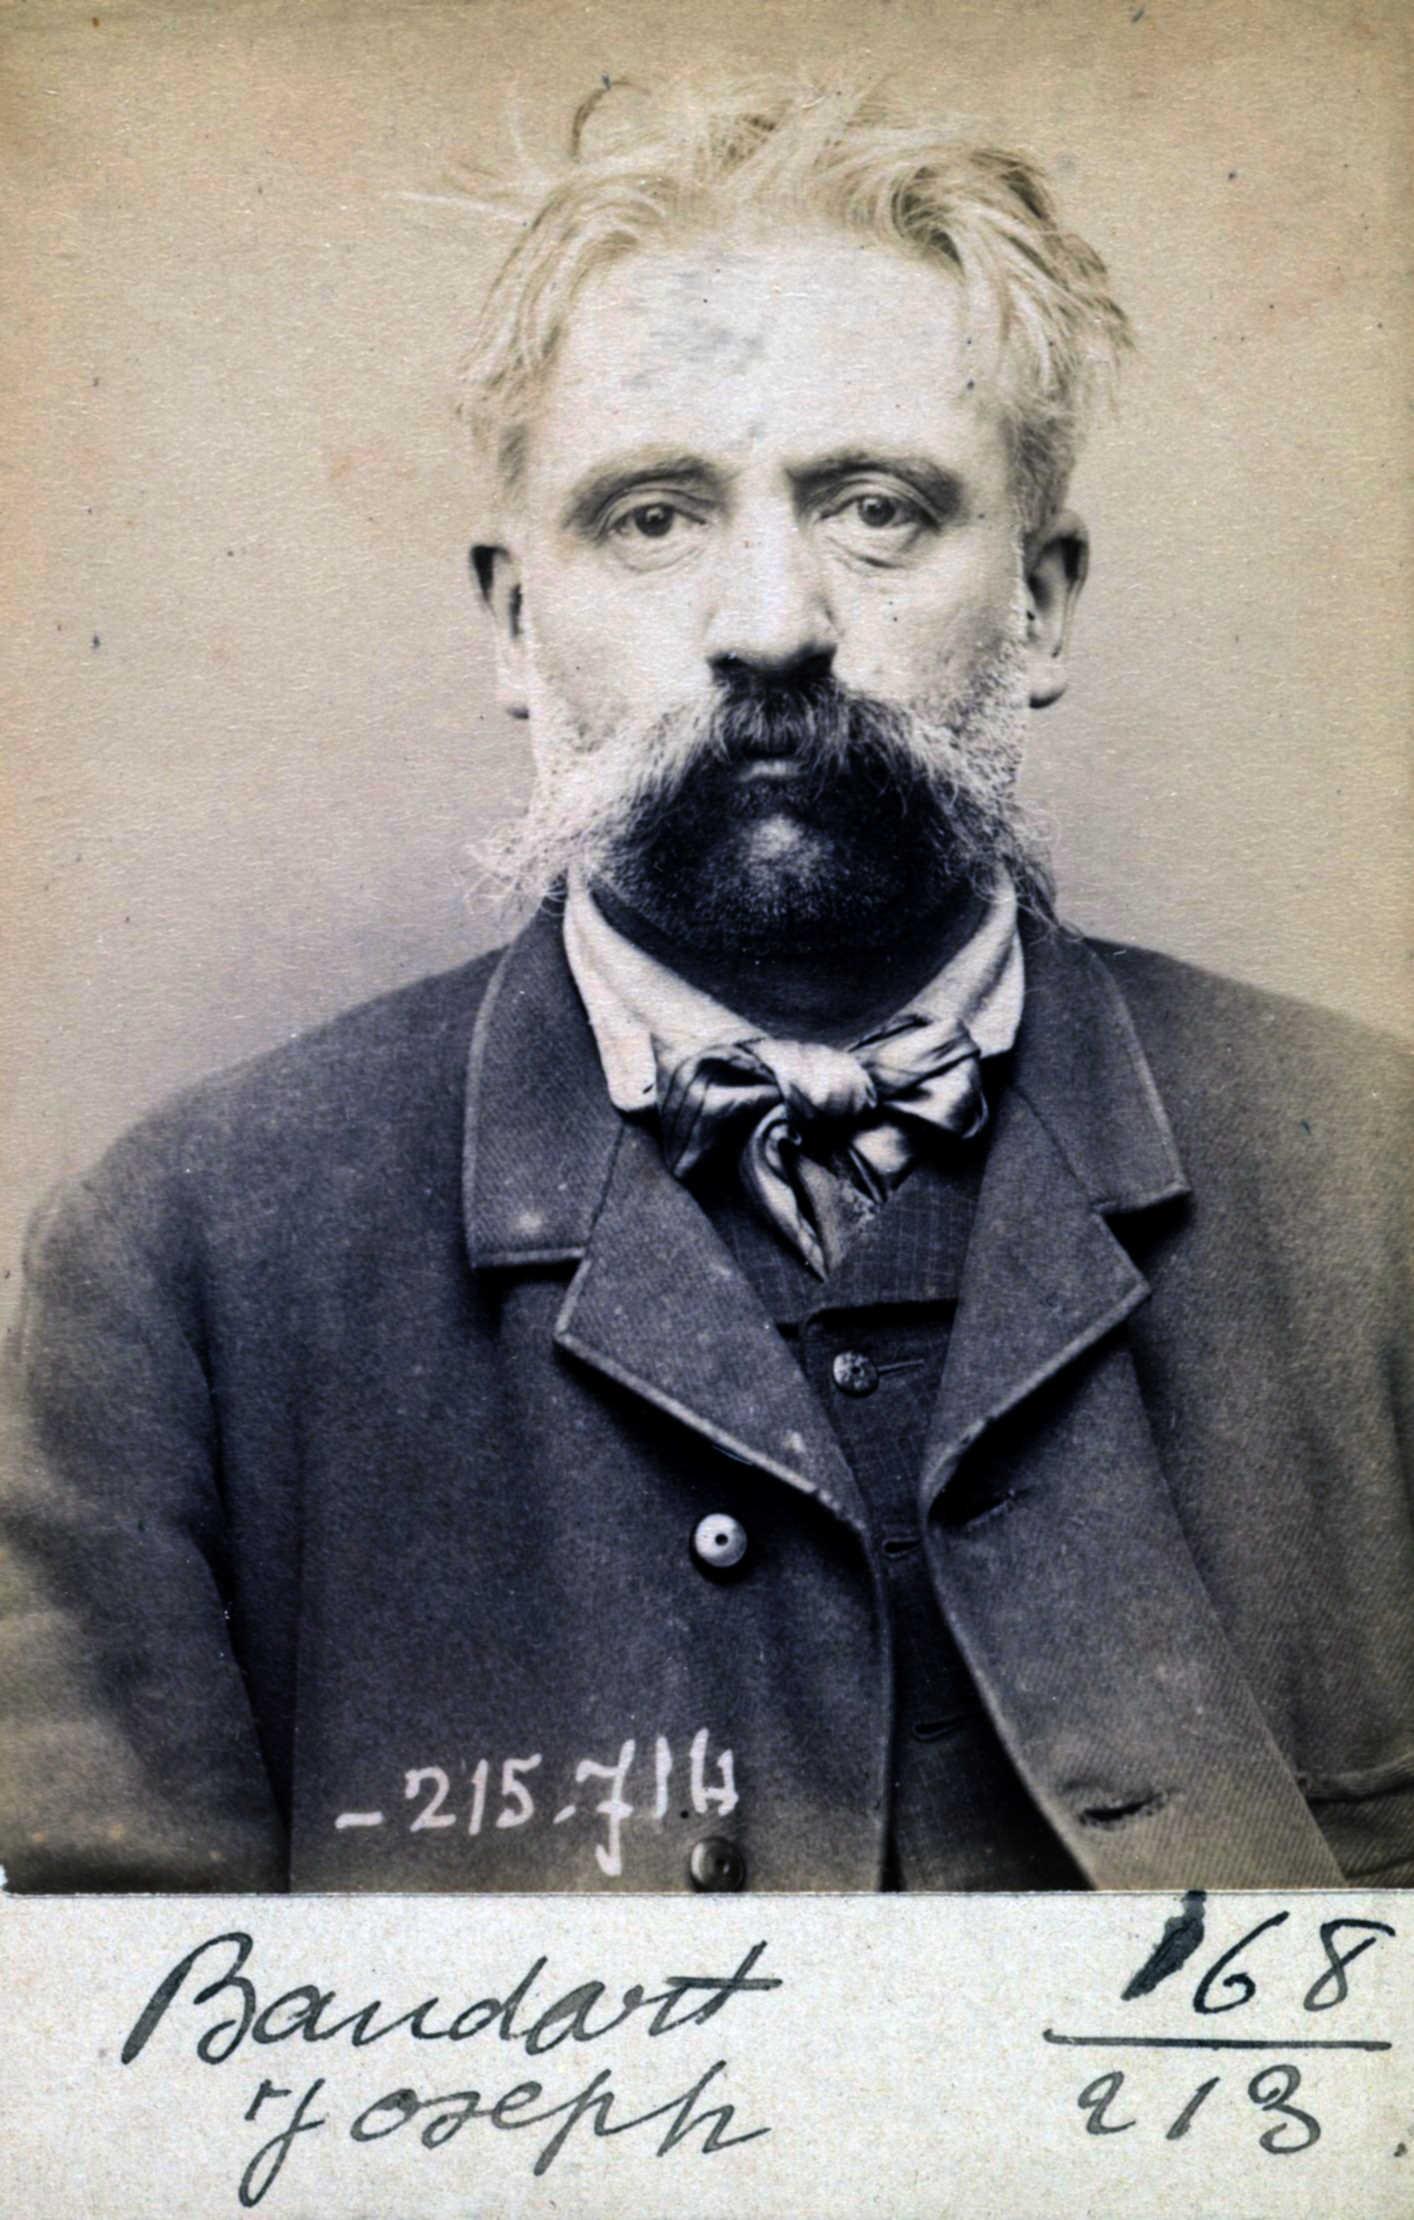 Foto policíaca de Joseph Baudart (15 de març de 1894)